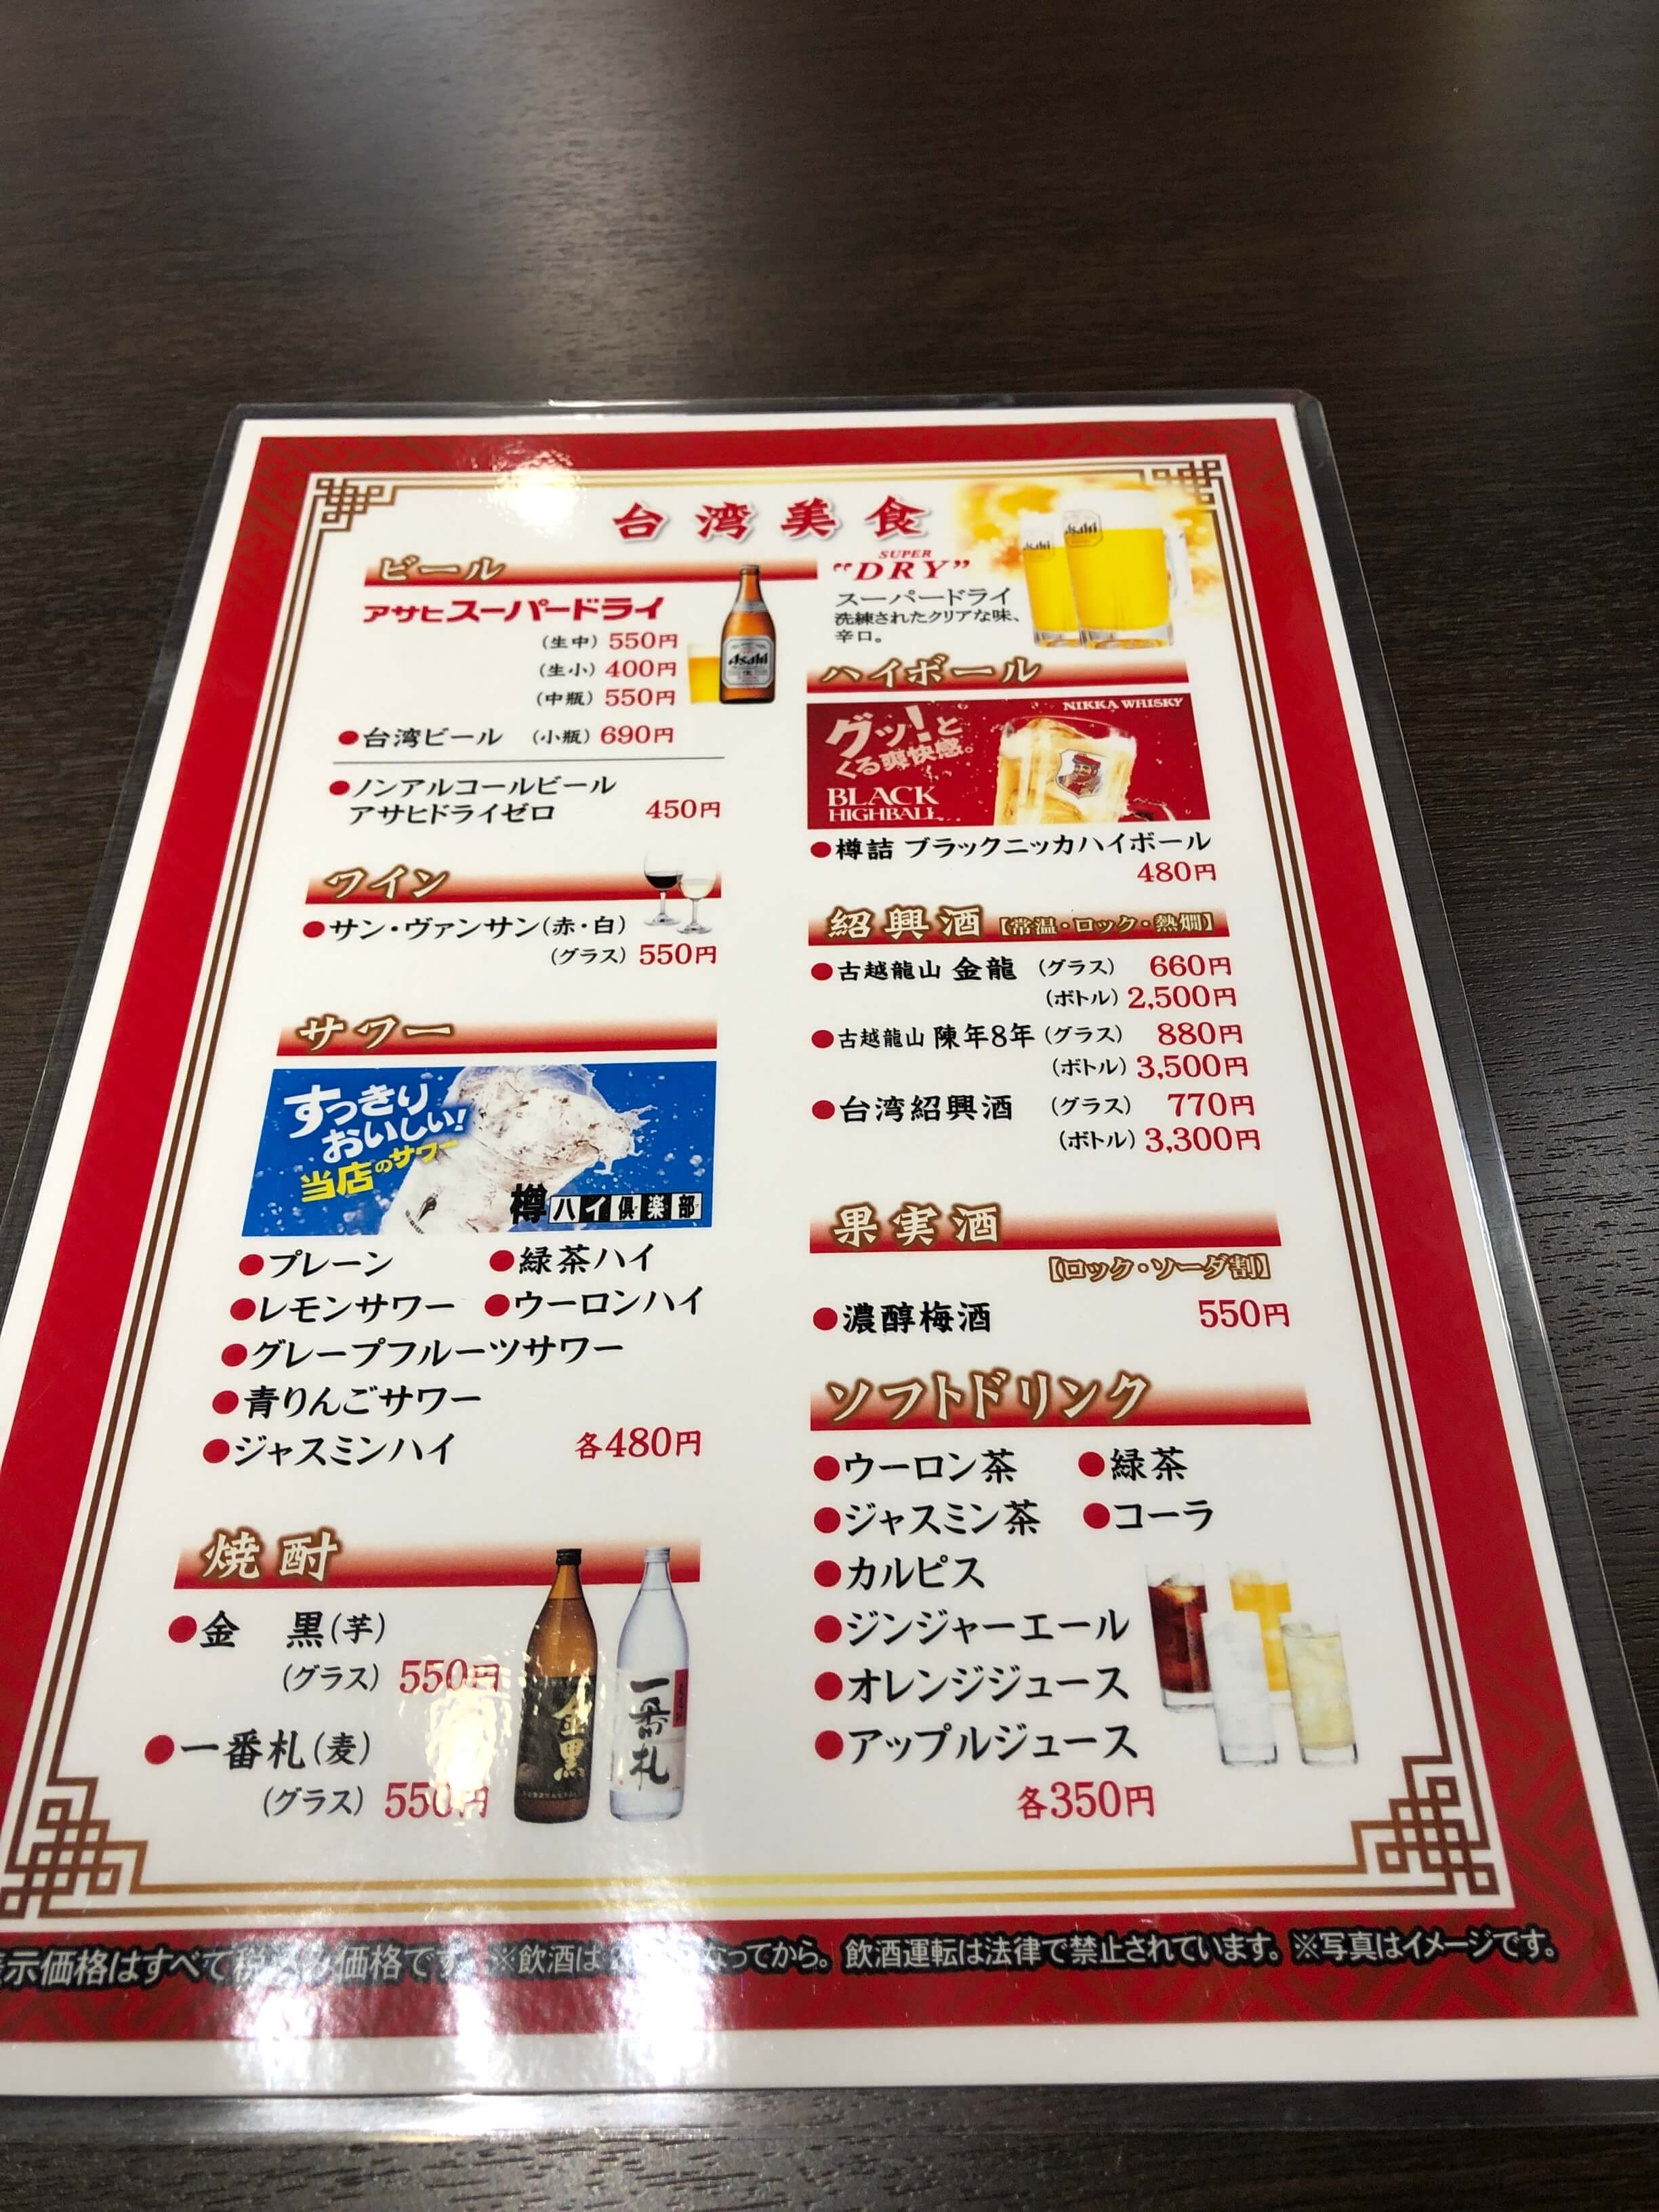 台湾美食メニュー2020.07.03